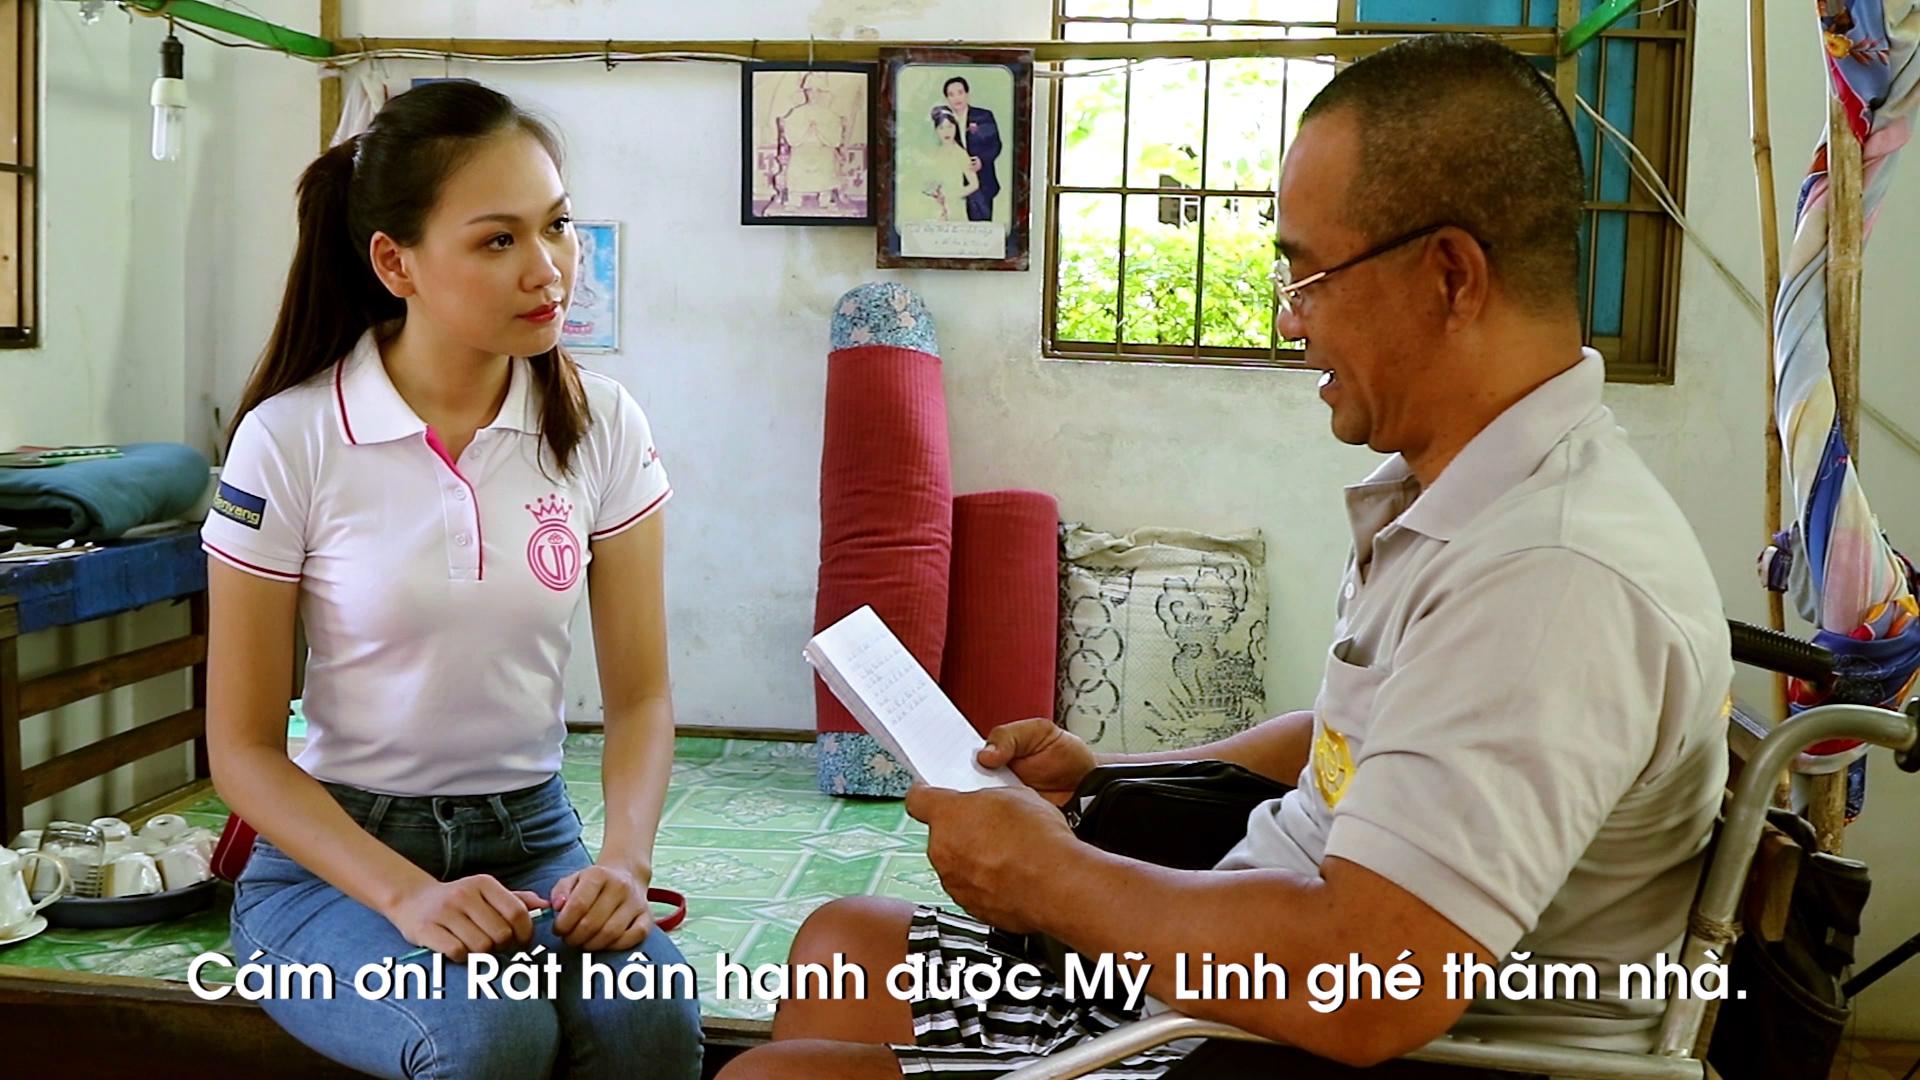 Nguyen Huong My Linh (13)